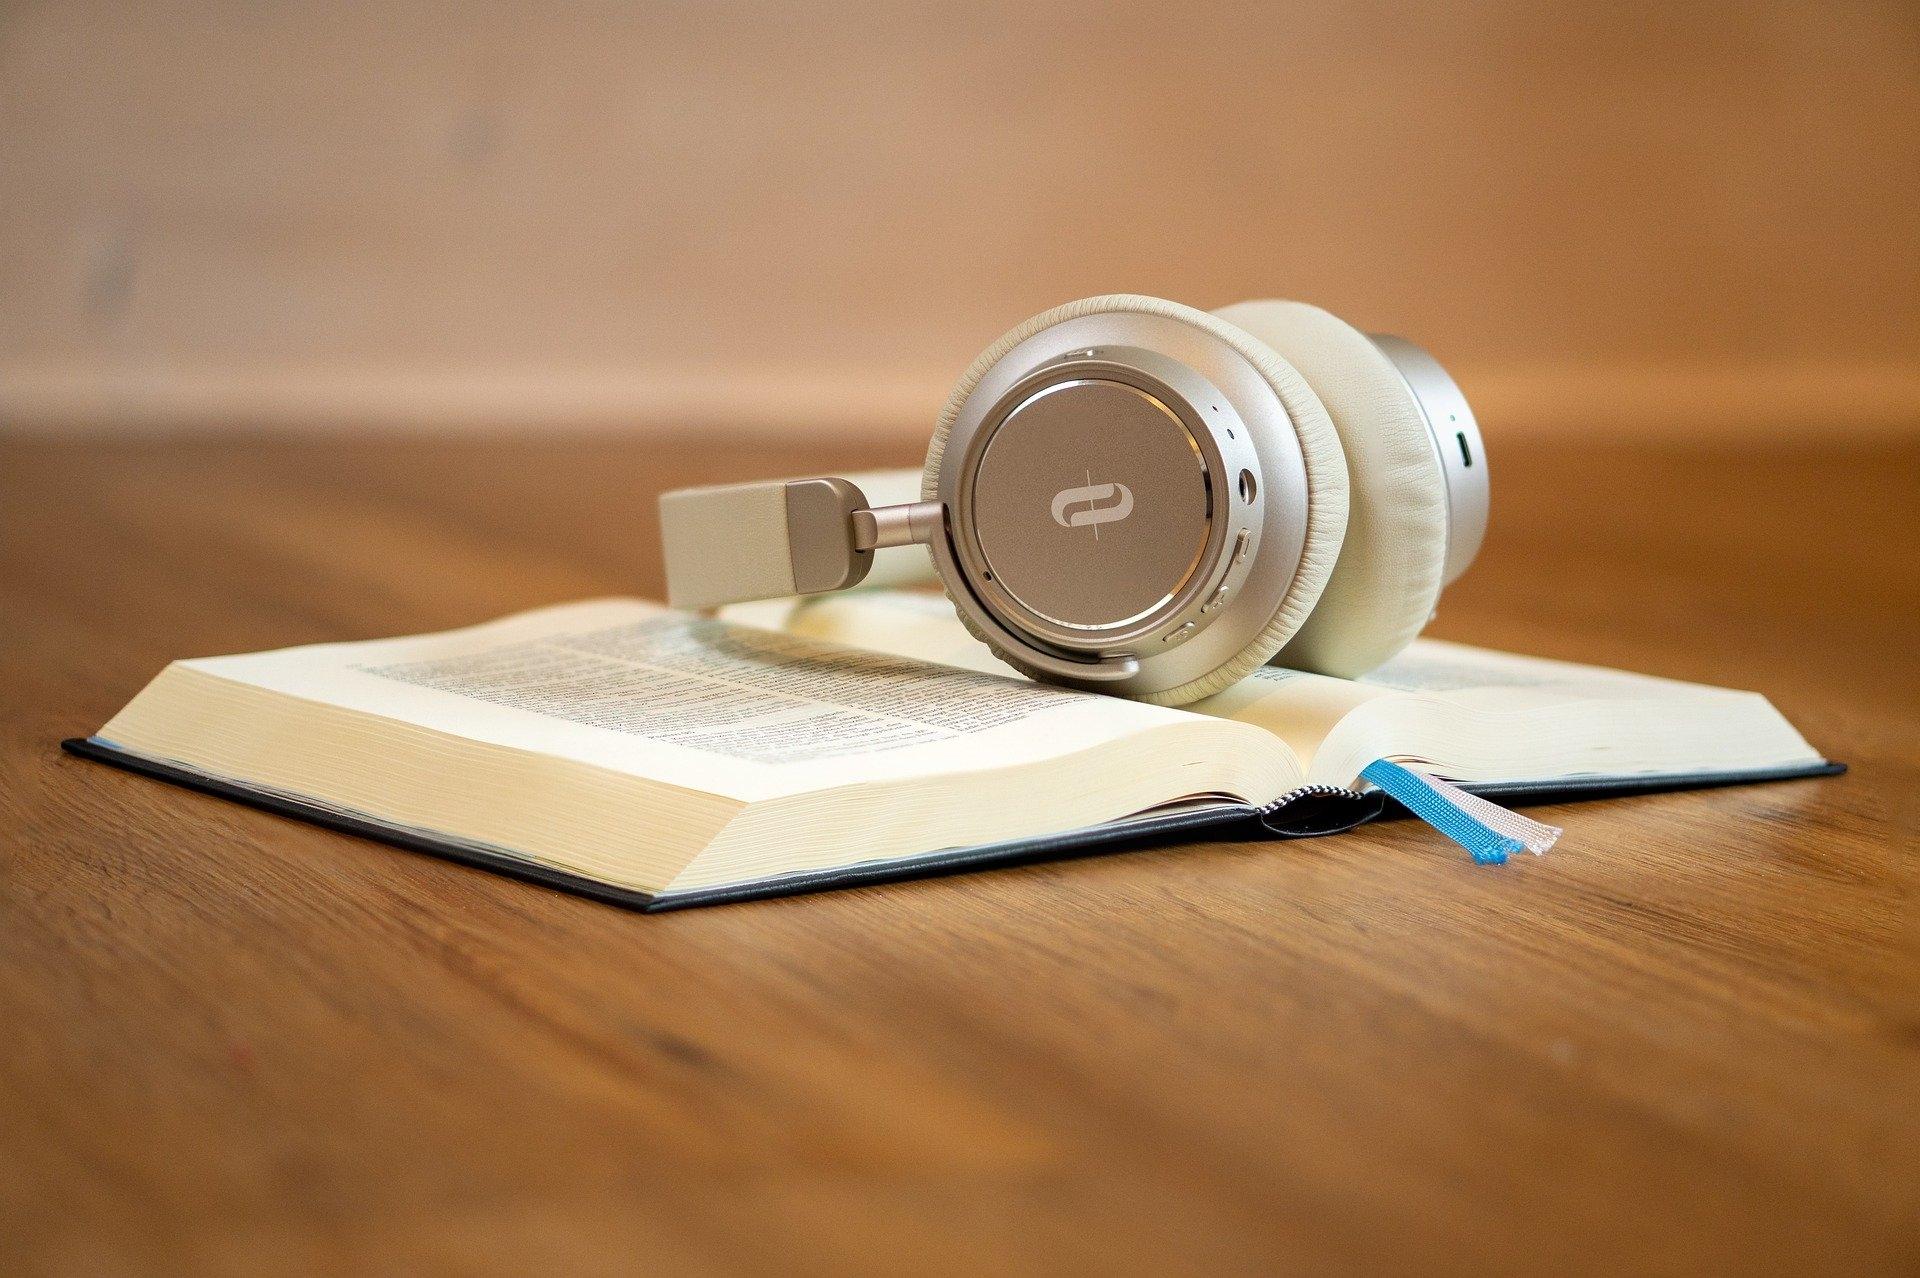 Descarga audiolibros gratis (@descargar-audiolibros-gratis) Cover Image